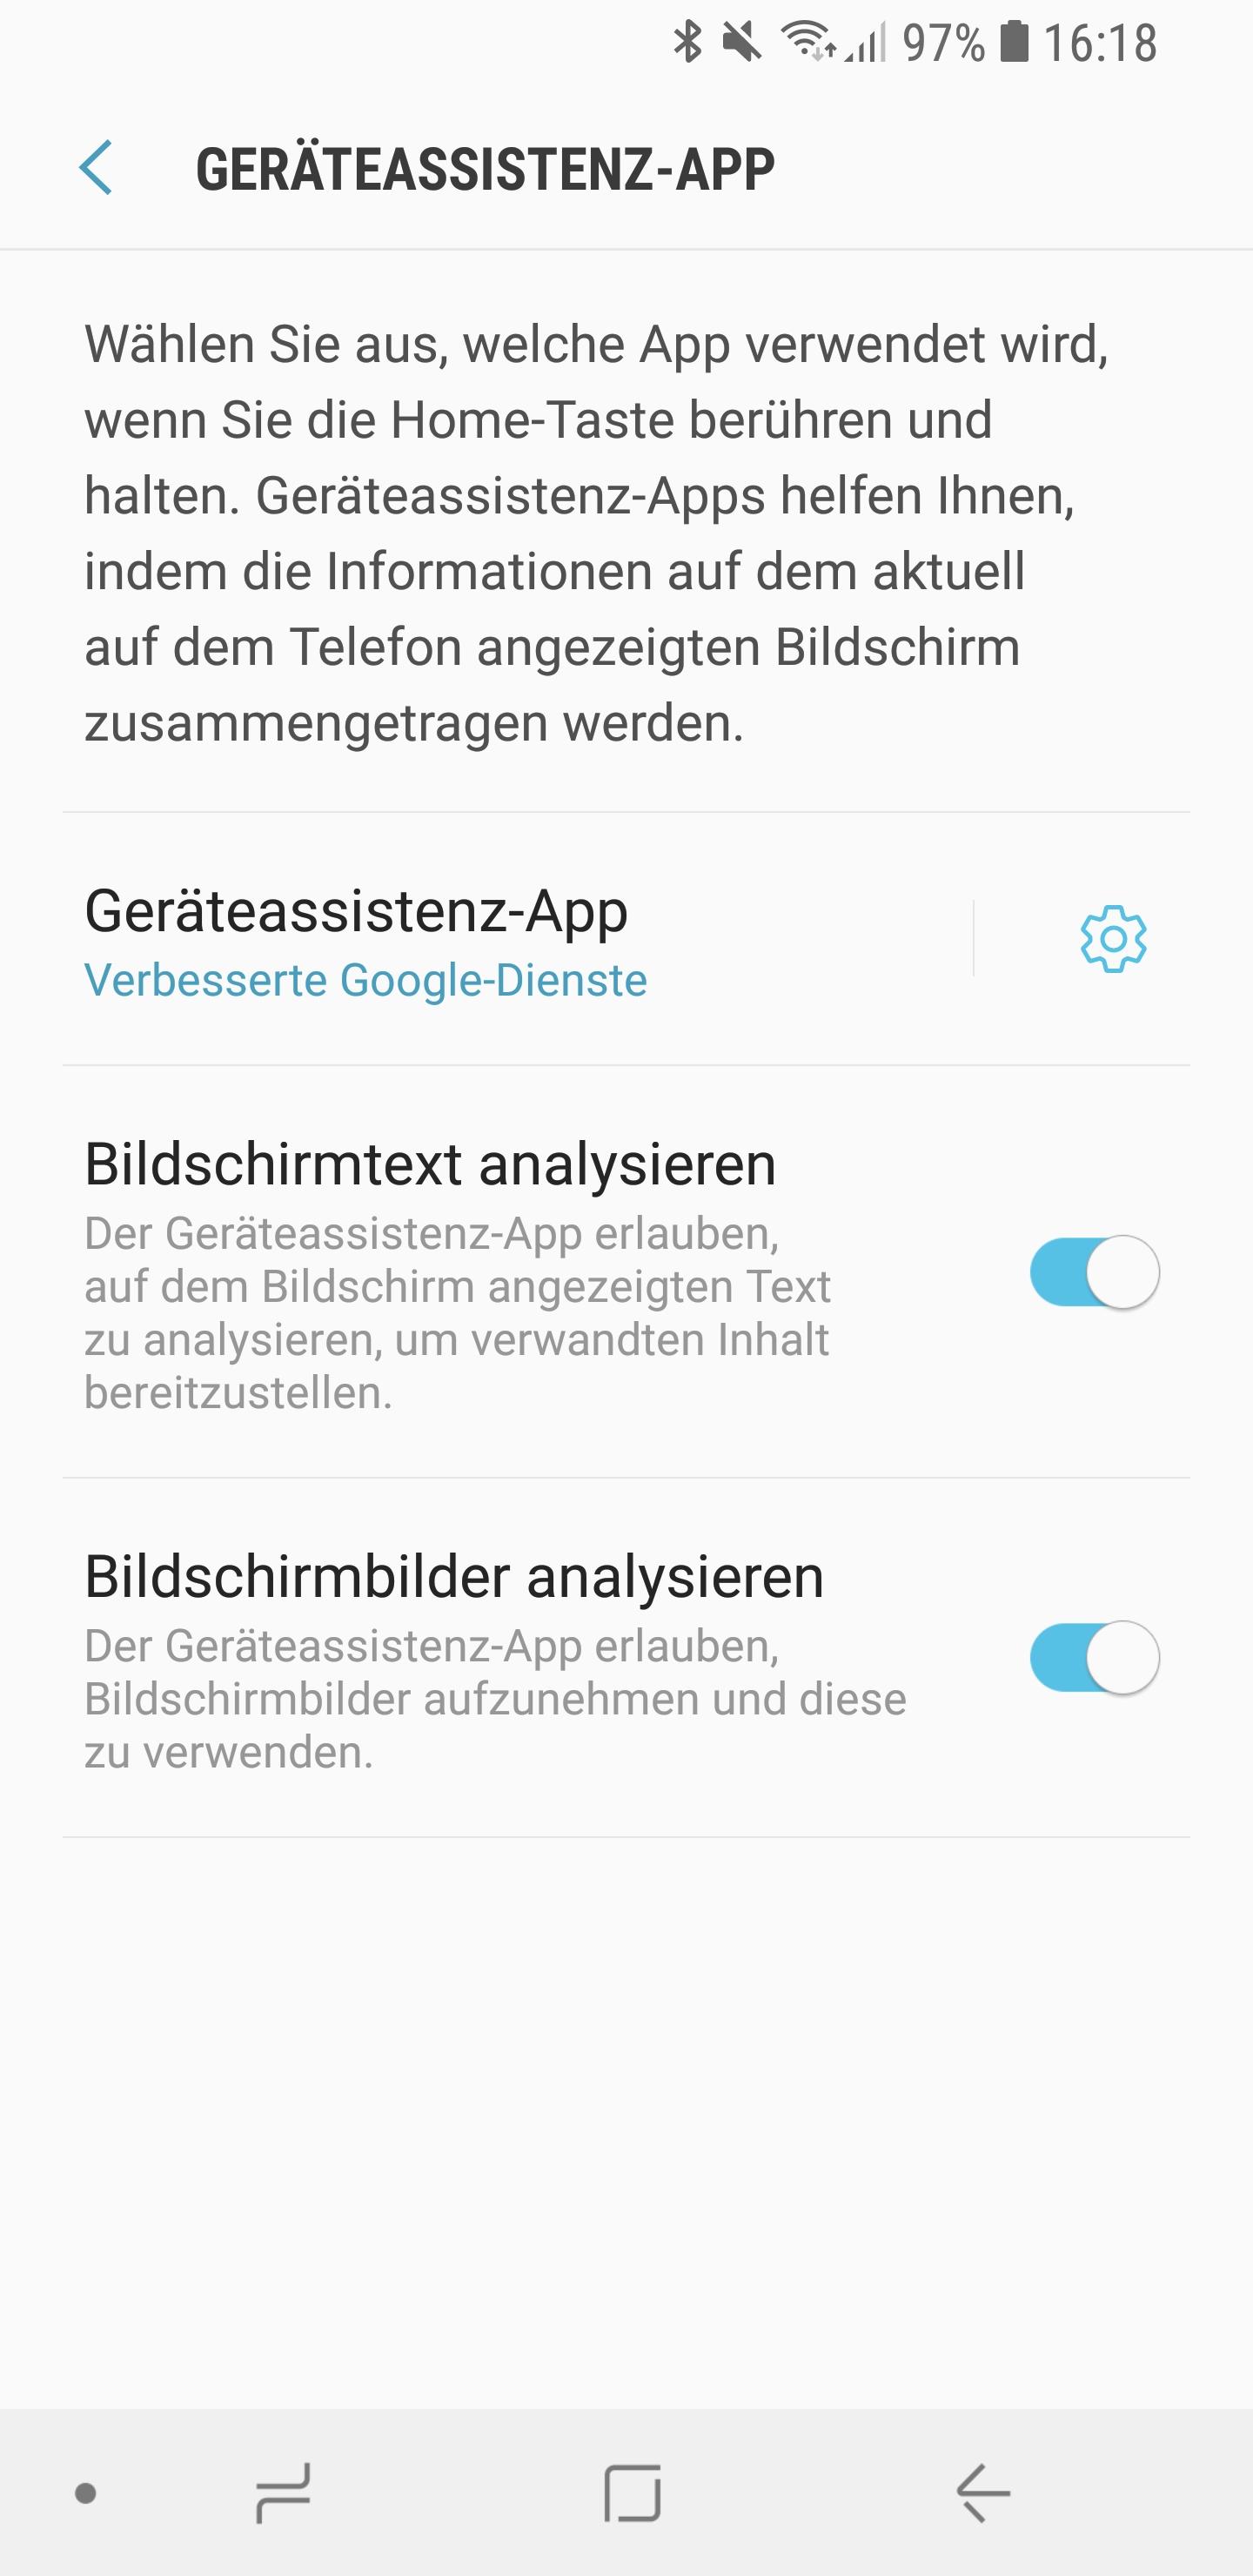 Amazon Alexa als Standard Sprachassistent auf Smartphone 04